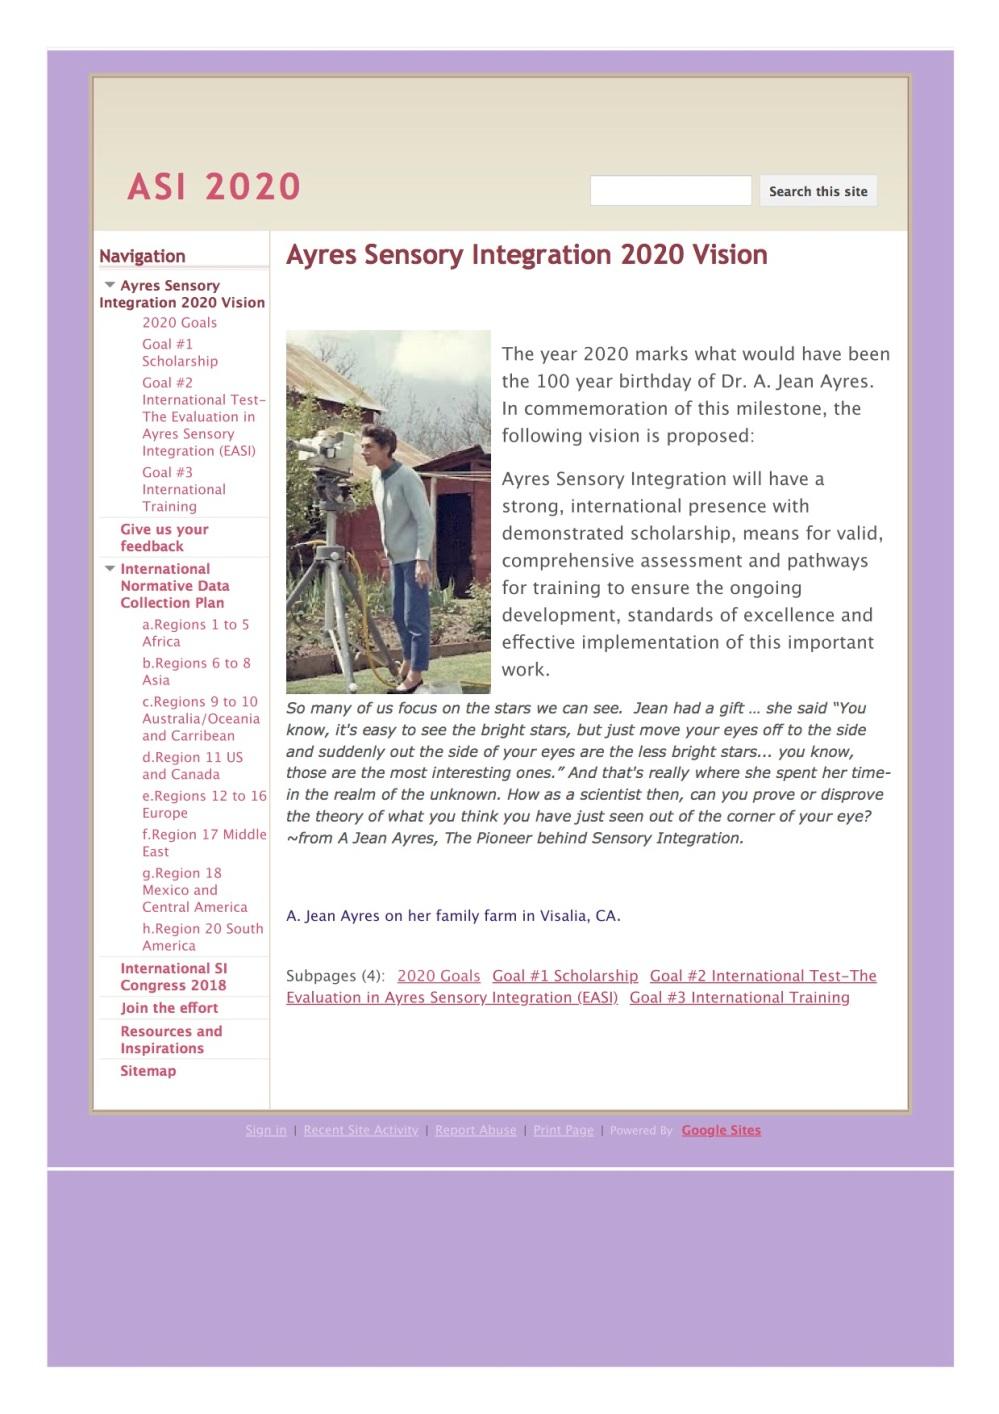 ASI 2020 copy.jpg